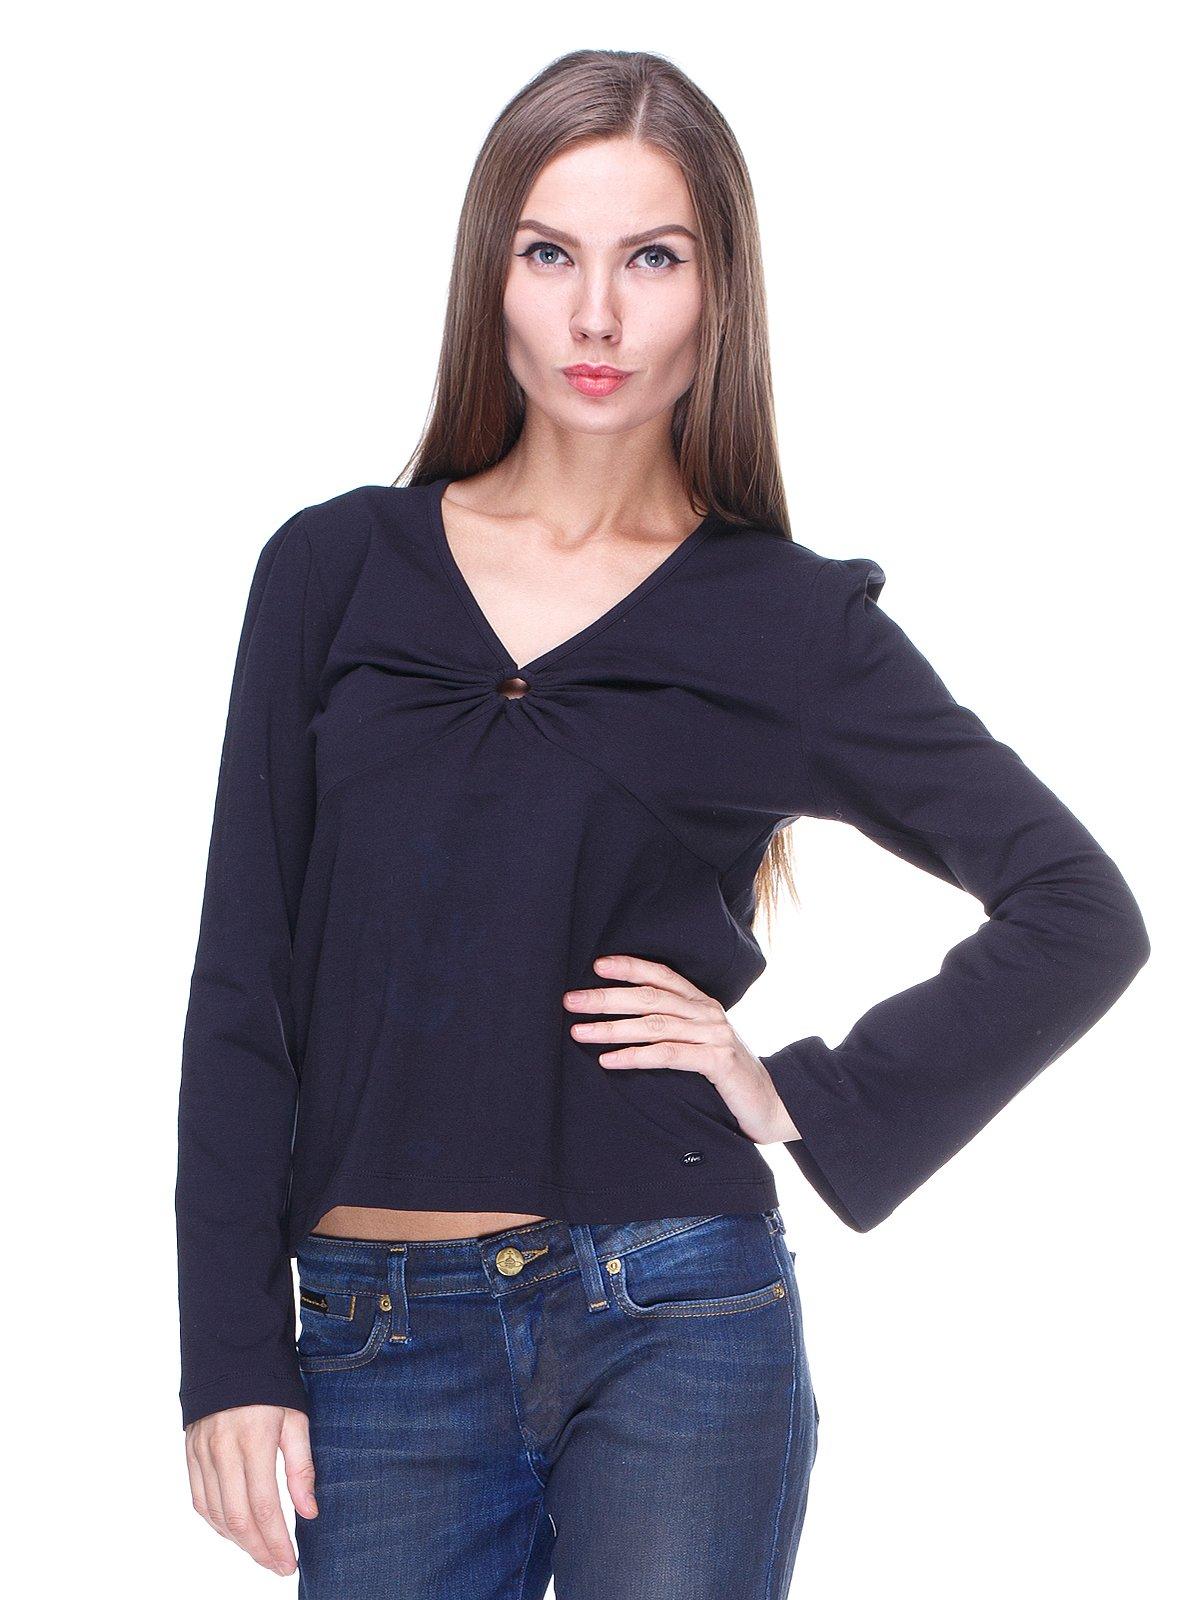 Пуловер черный со сборками на лифе | 65741